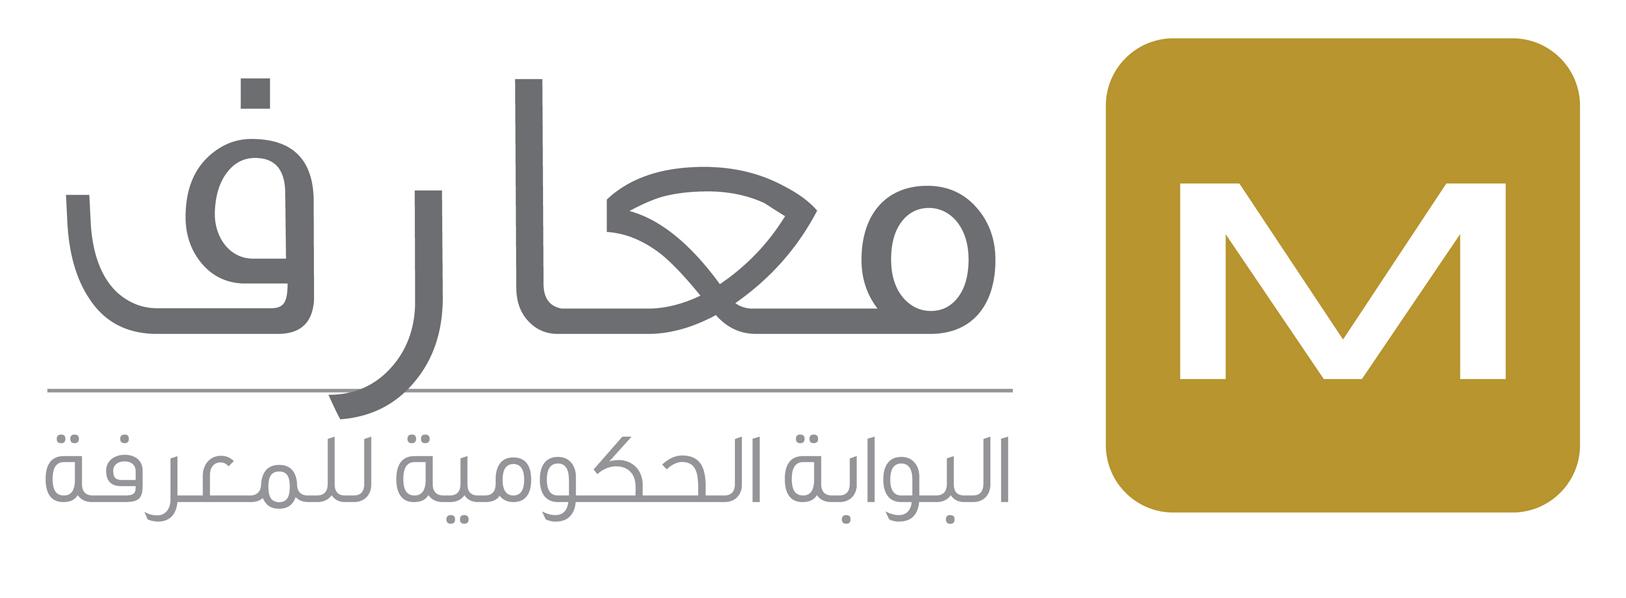 شعار معارف